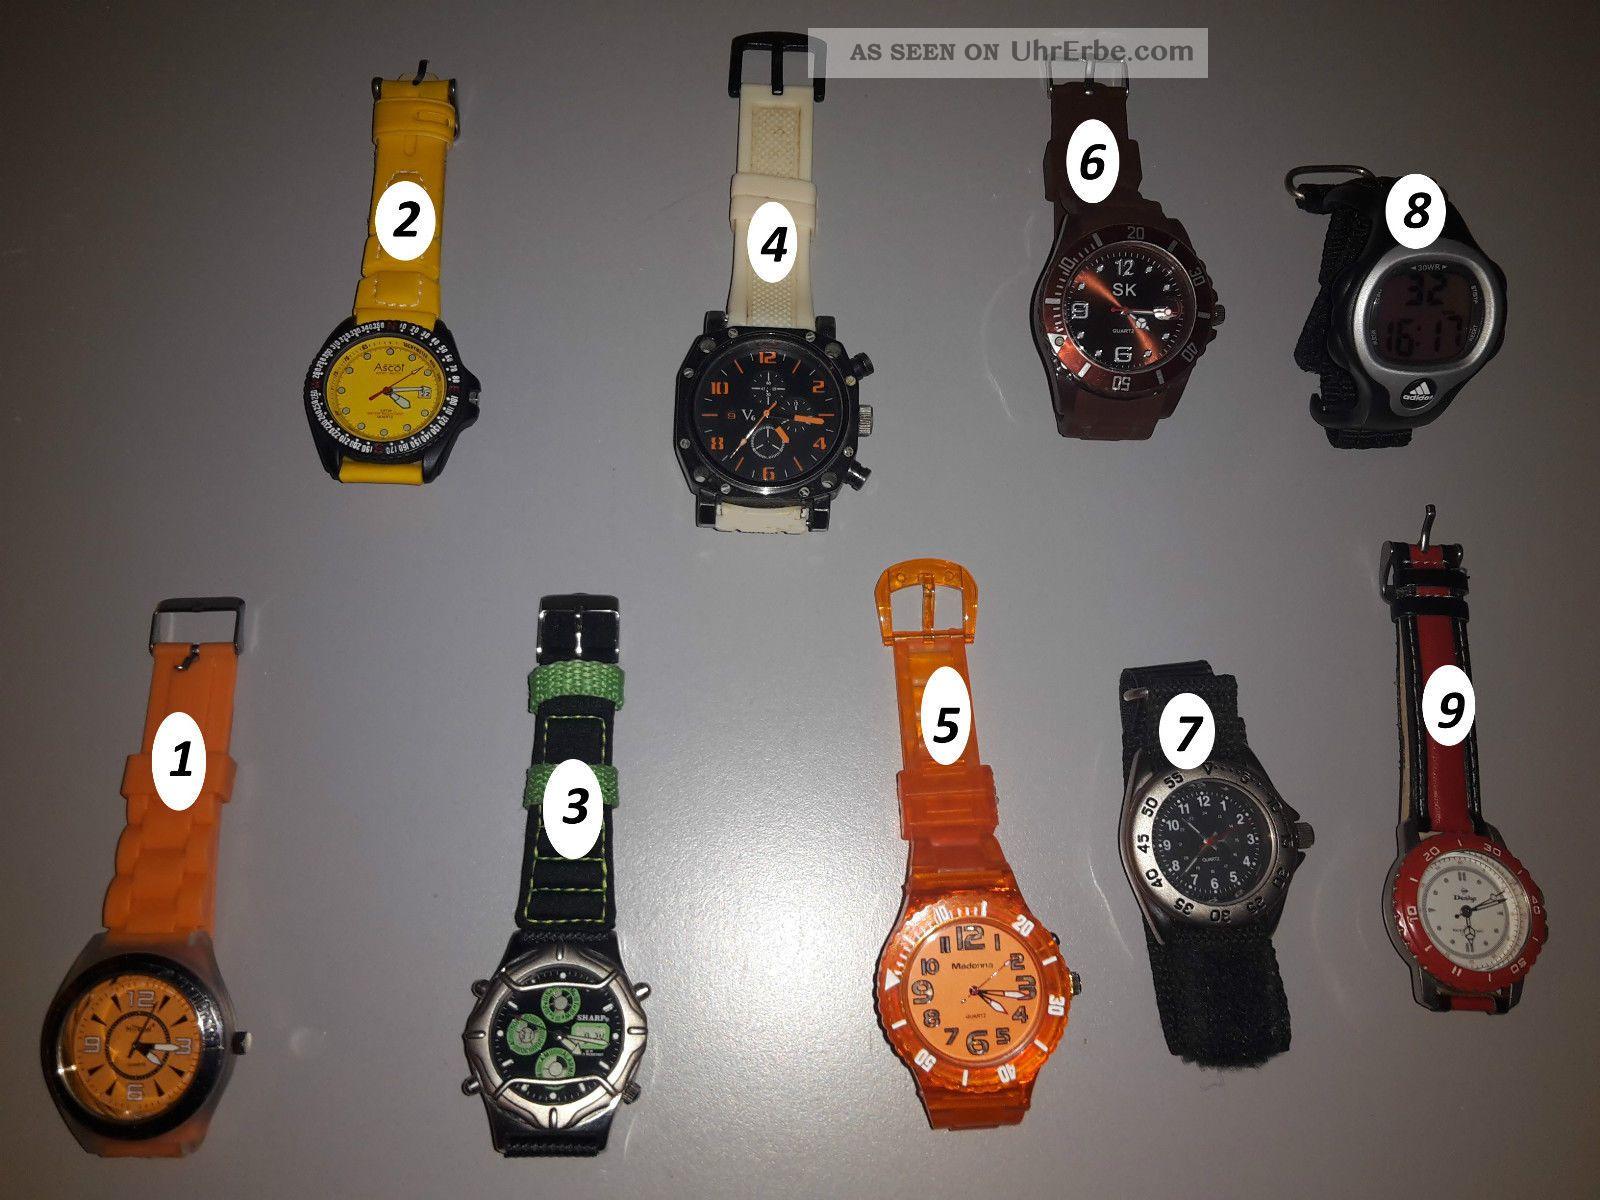 Uhrenpaket Konvolut - 9 Uhren - Adidas - Sharp - Sk - Herren,  Damen - Top Armbanduhren Bild